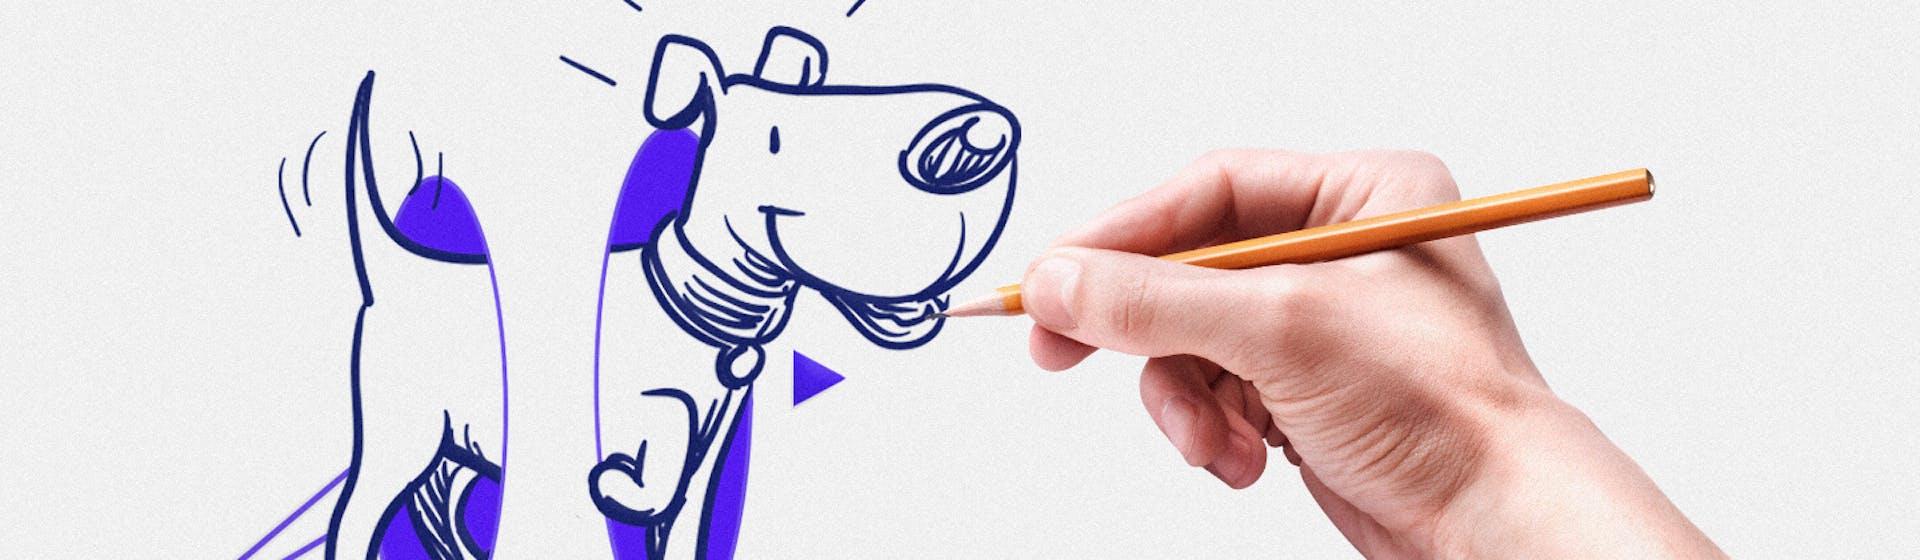 ¿Cómo dibujar un perro paso a paso? (y no perder el respeto de tu chihuahua)